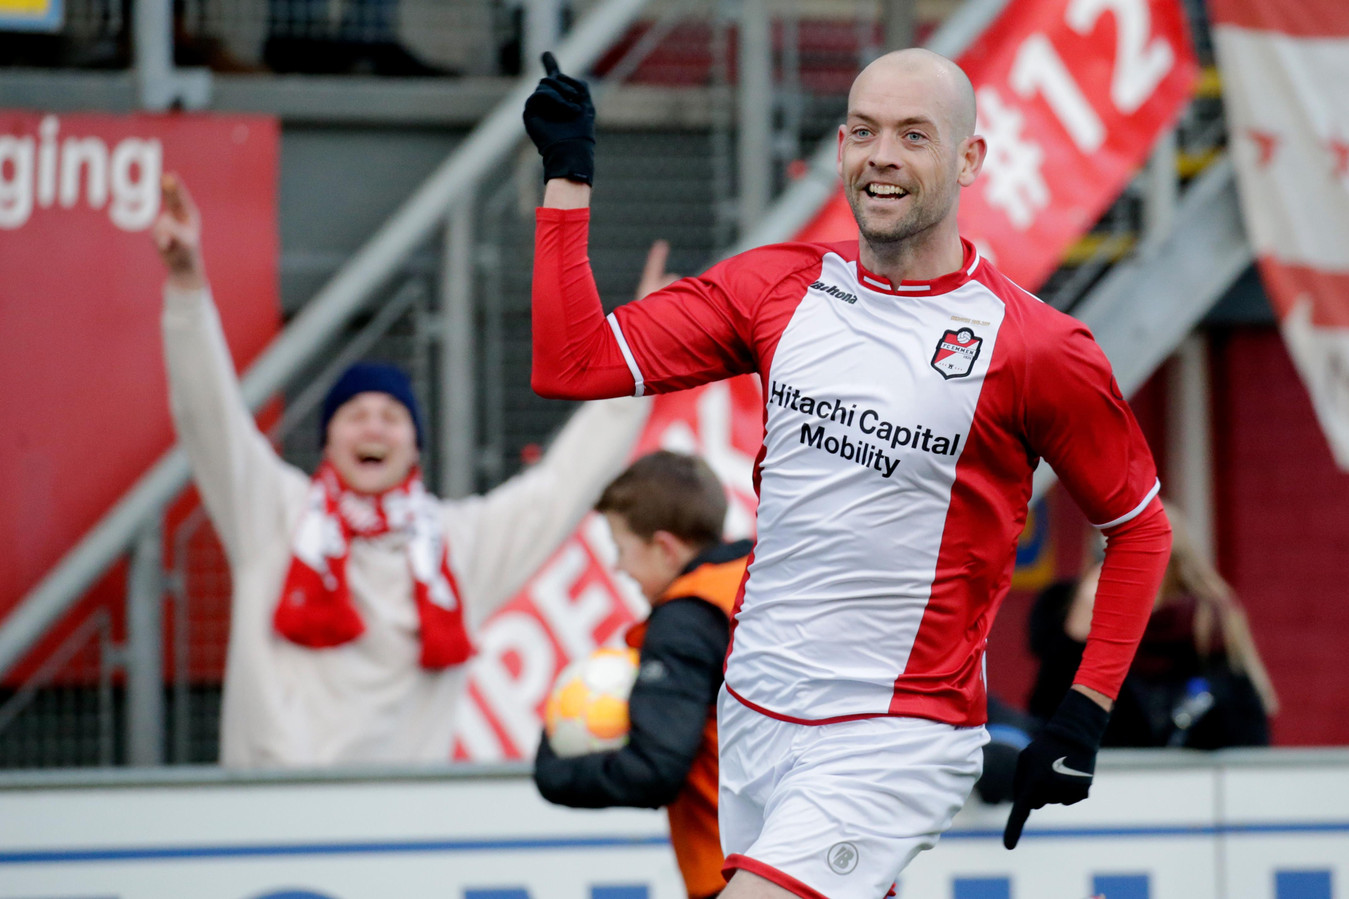 Nicklas Pedersen hielp Emmen vorig seizoen met twee goals aan een gelijkspel tegen PSV.